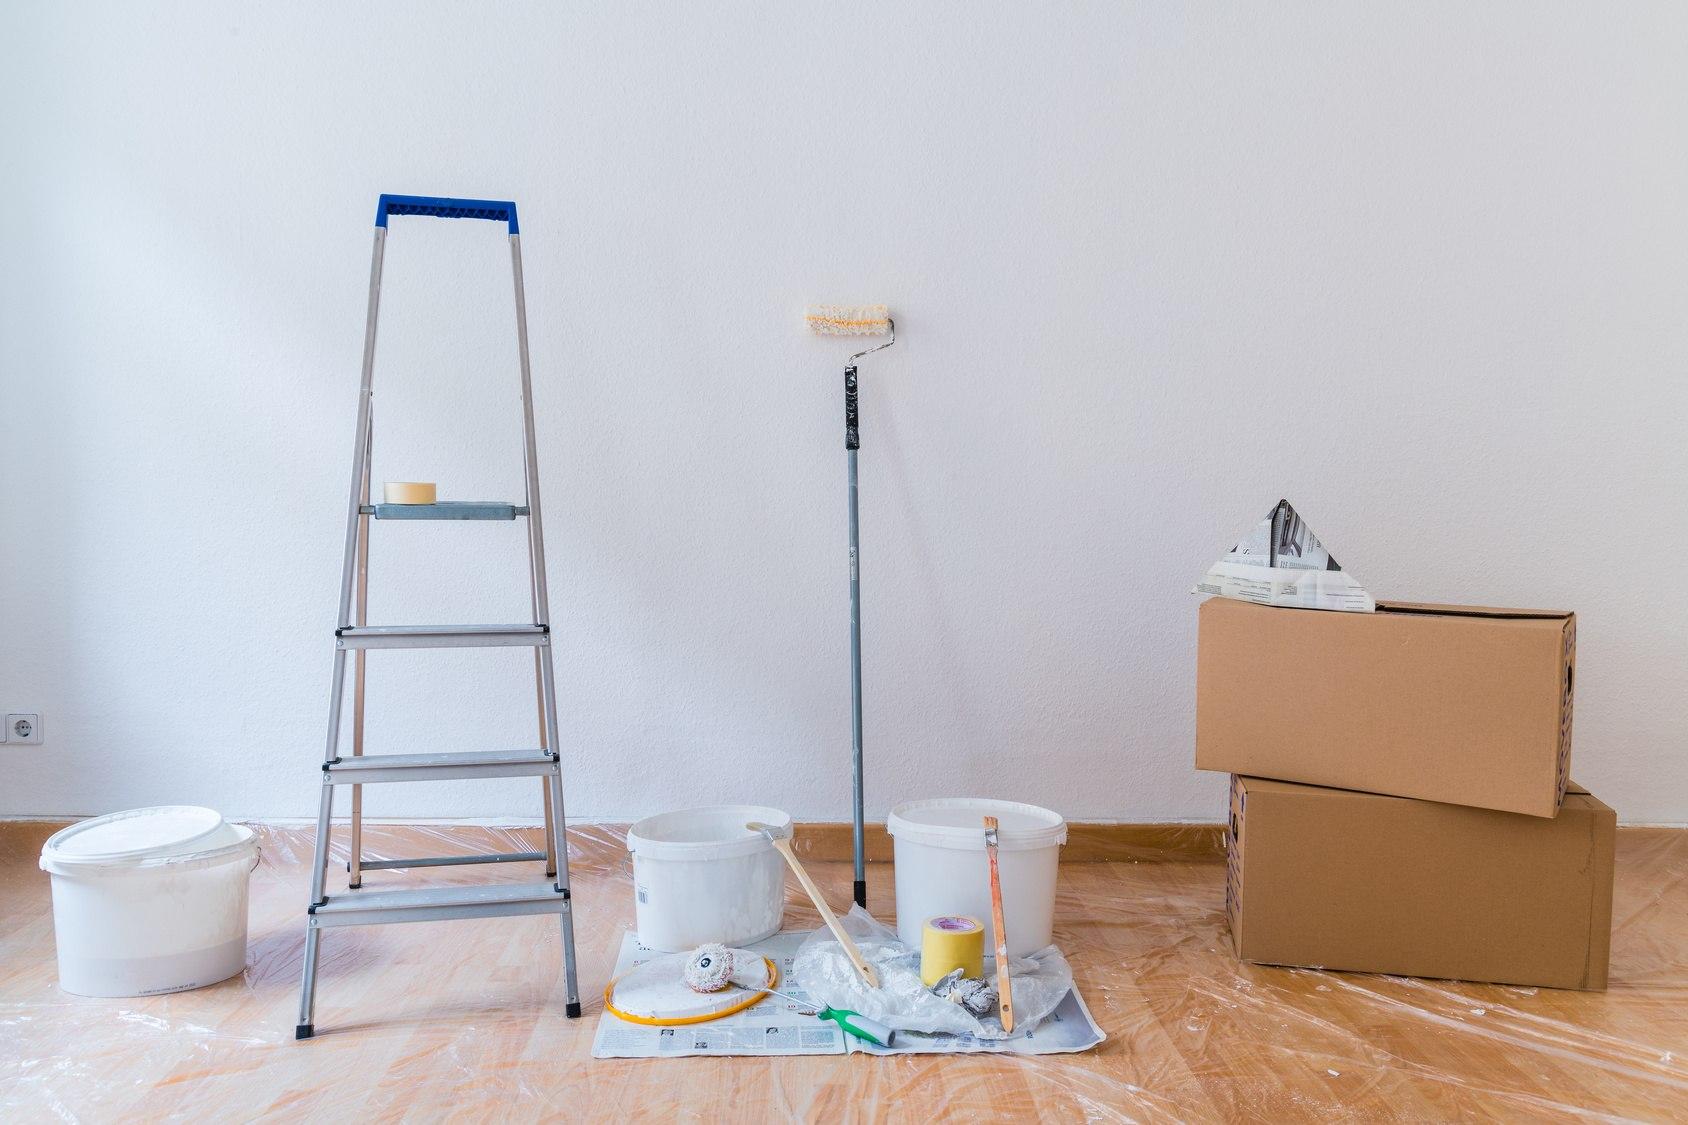 Wände streichen bei Umzug und Renovierung | Kartonara.de